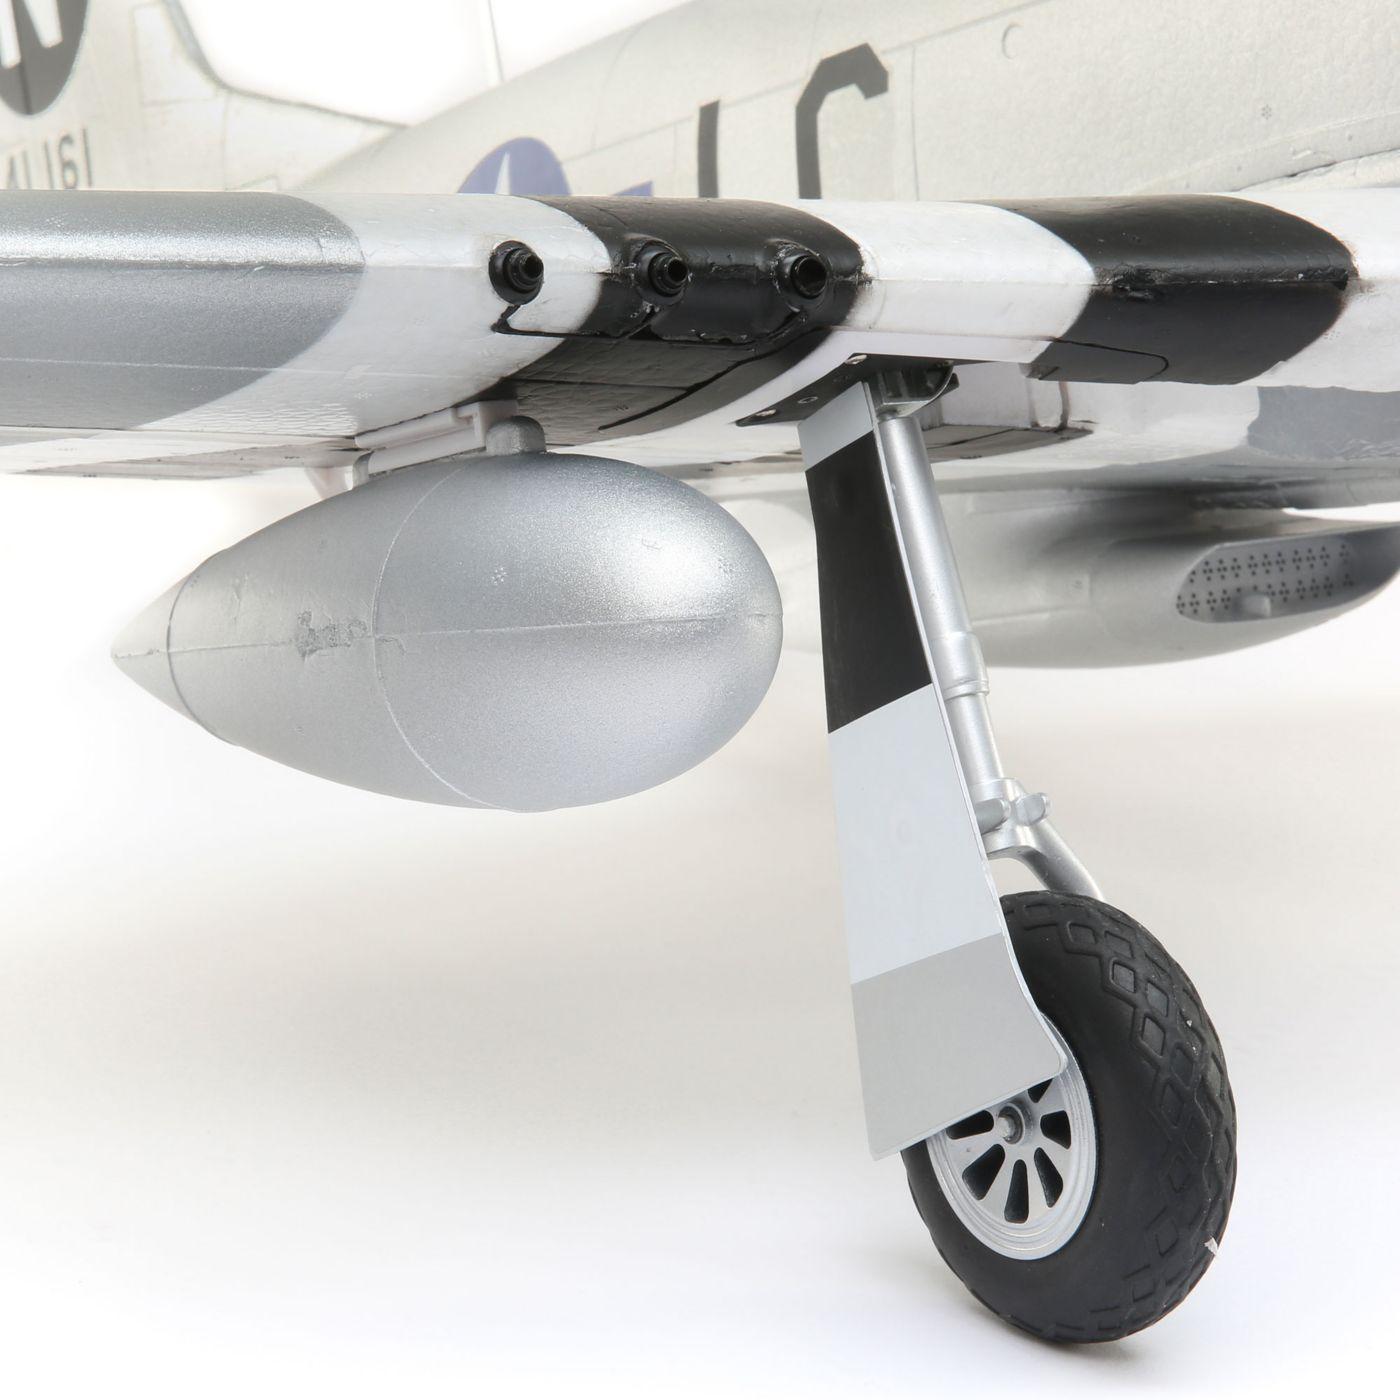 E-flite P-51d Mustang Warbird bnf basic safe 08